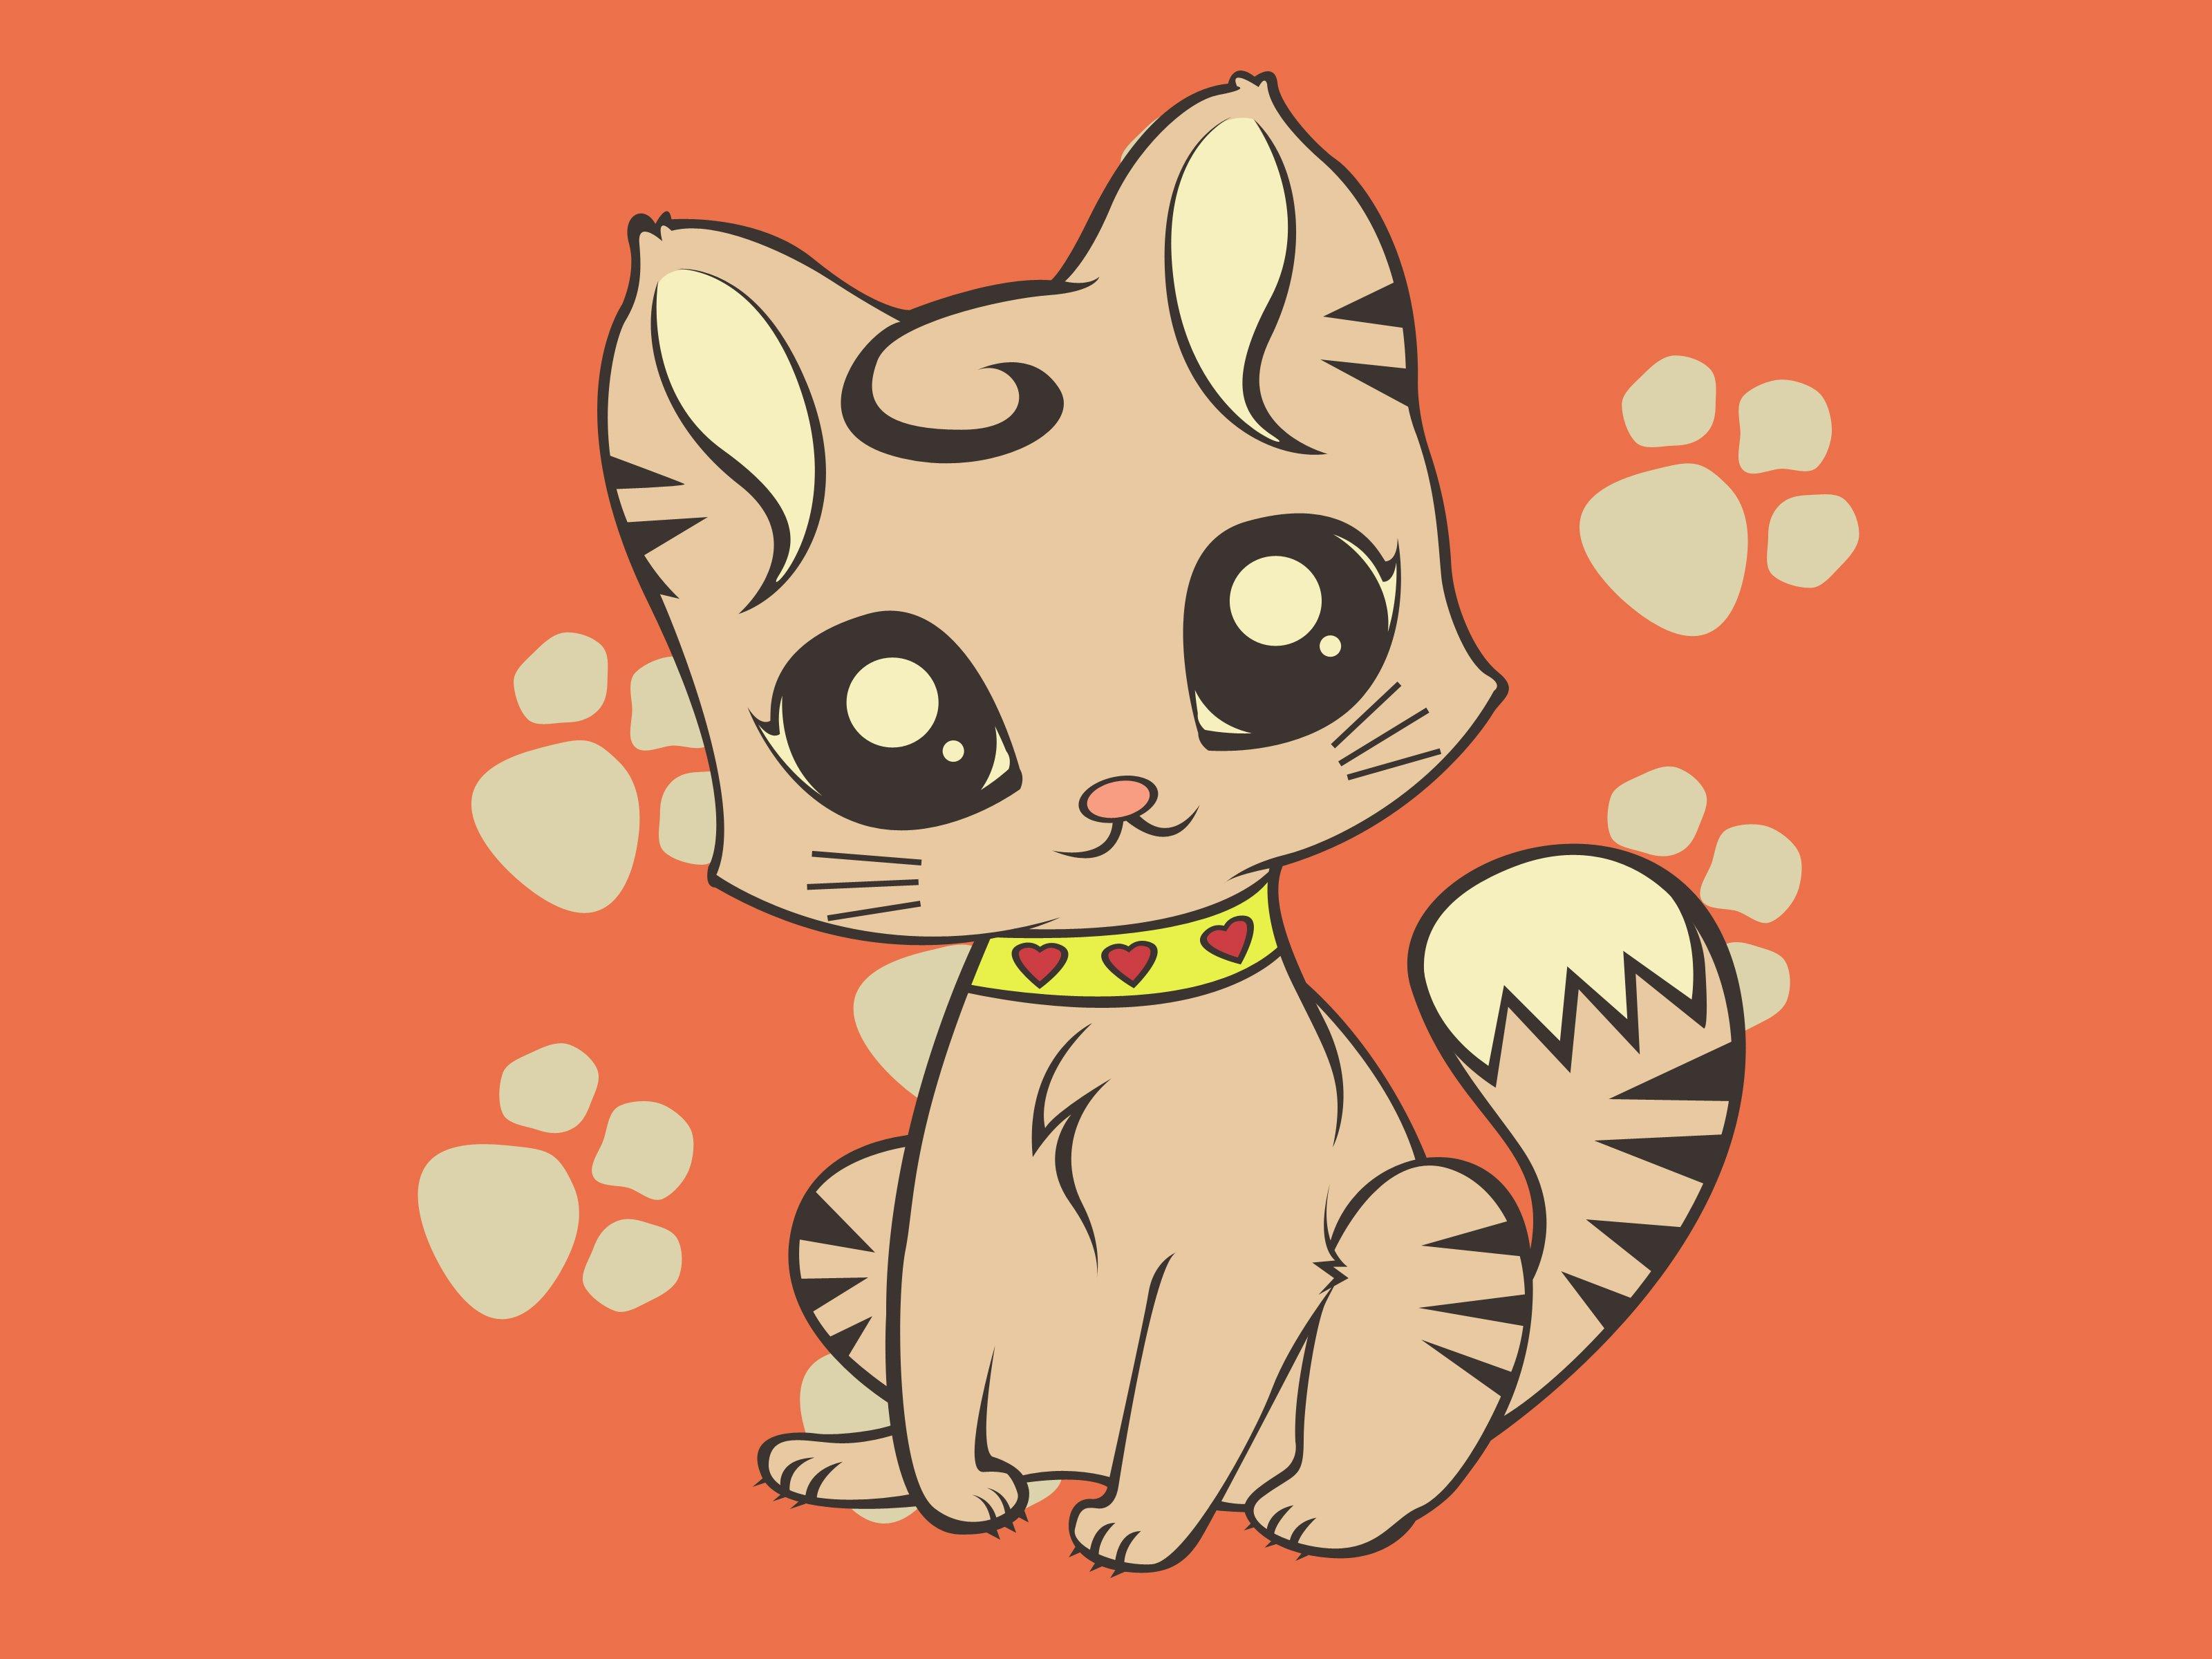 46 Cute Cartoon Cat Wallpaper On Wallpapersafari